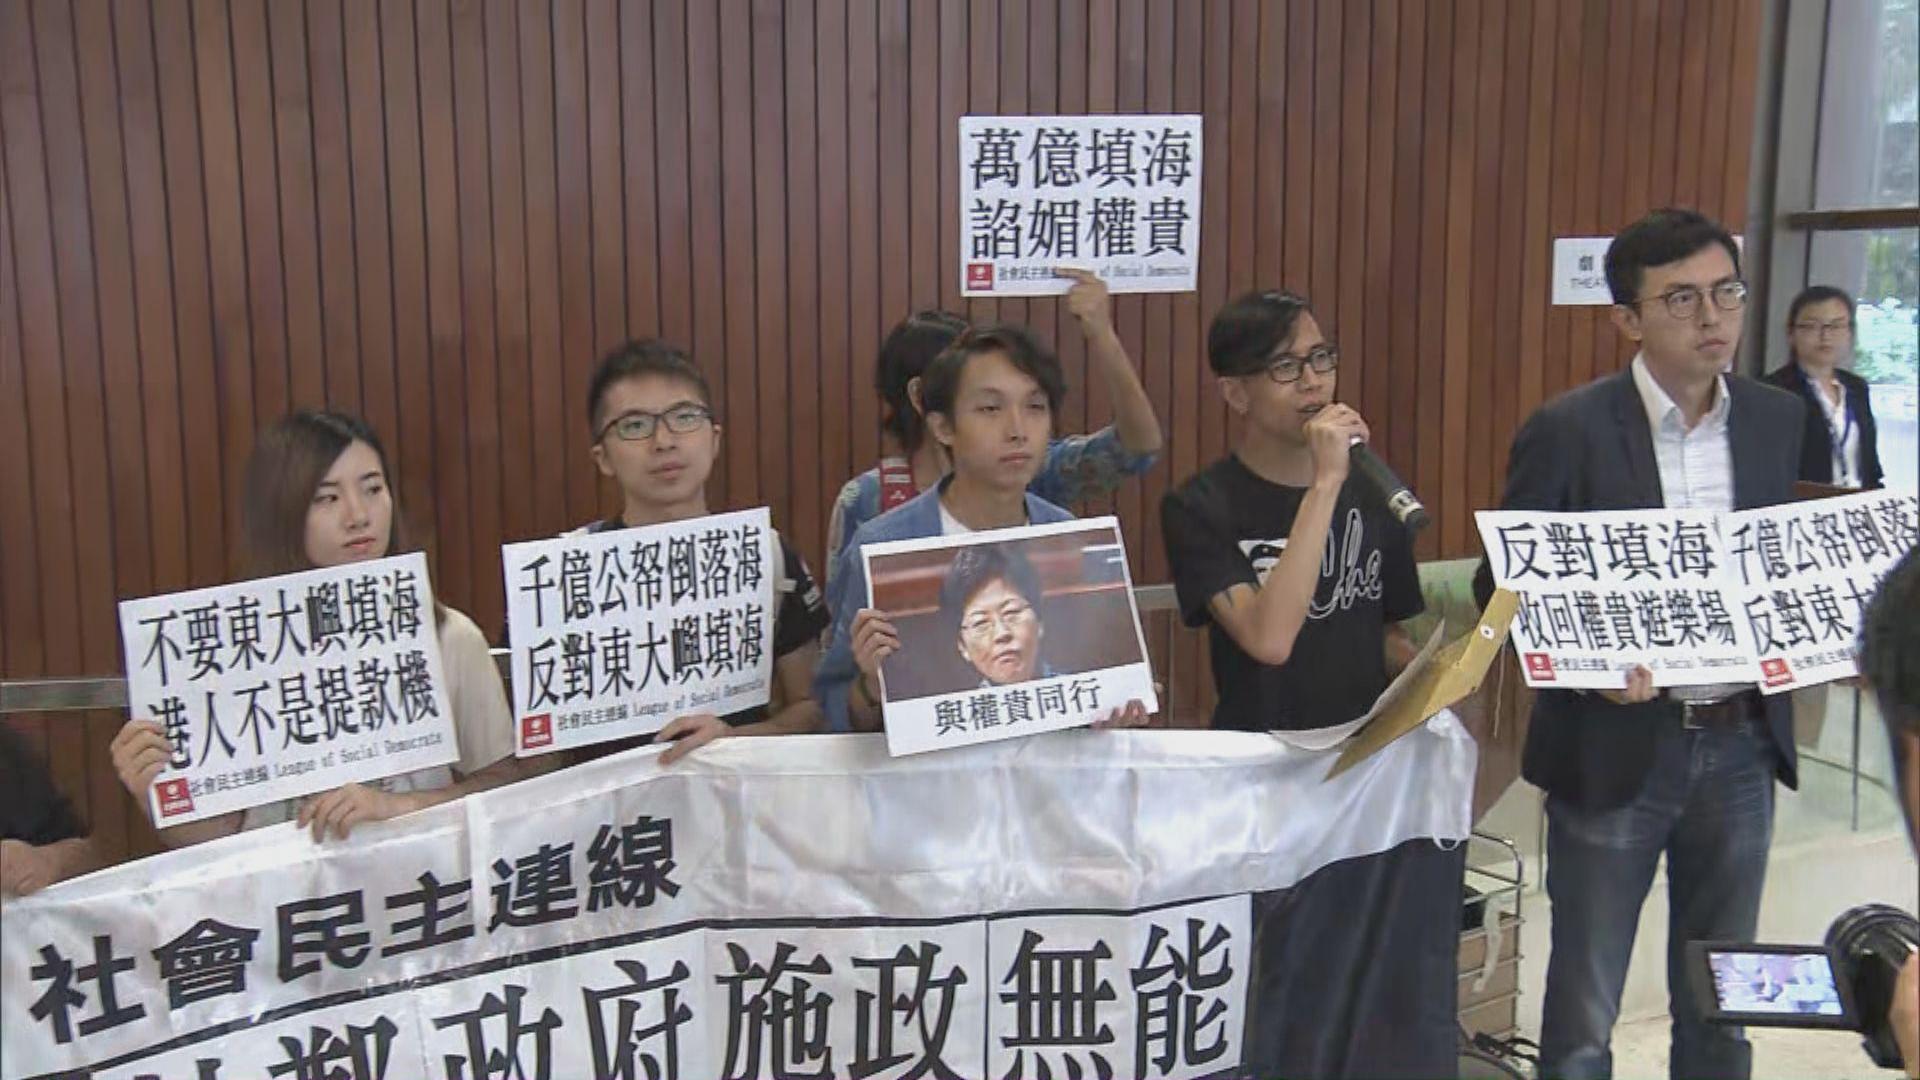 社民連示威抗議明日大嶼填海